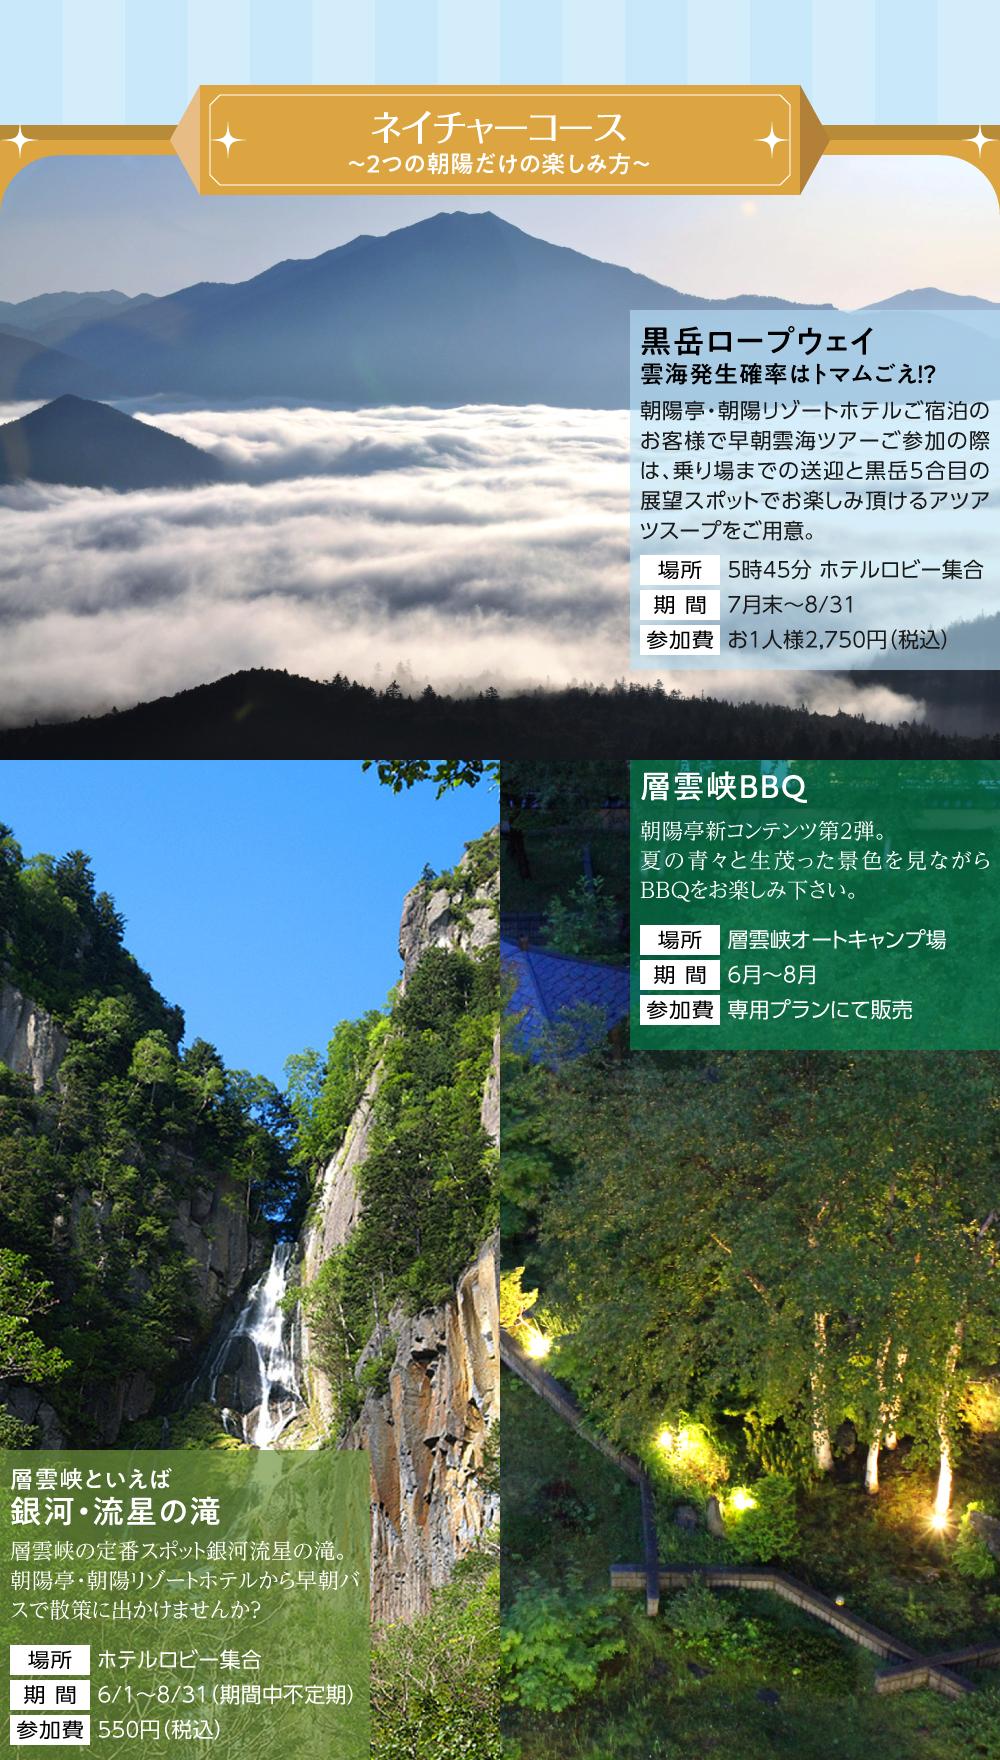 黒岳ロープウェイ 雲海発生率はトマムごえ!? 層雲峡でBBQ 層雲峡といえば銀河・流星の滝